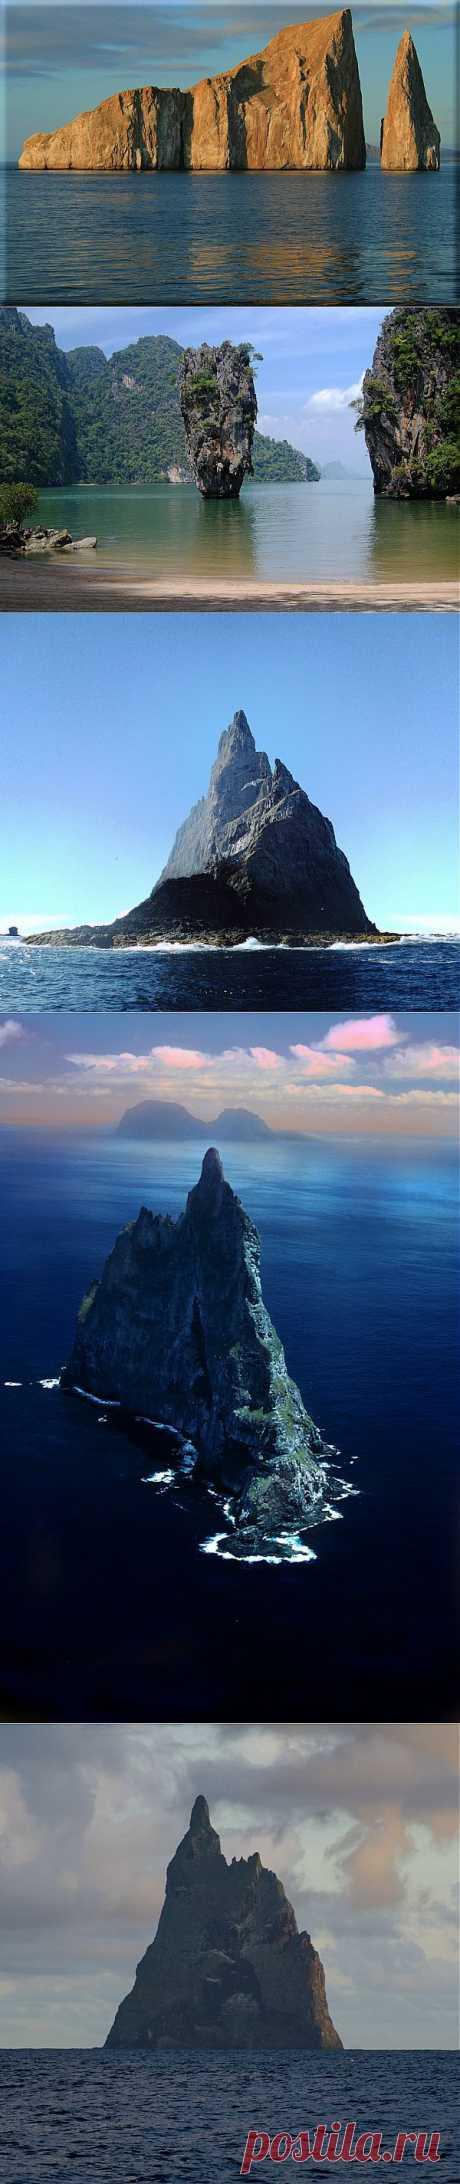 Самые необычные и впечатляющие скалы в мире | Newpix.ru - позитивный -журнал